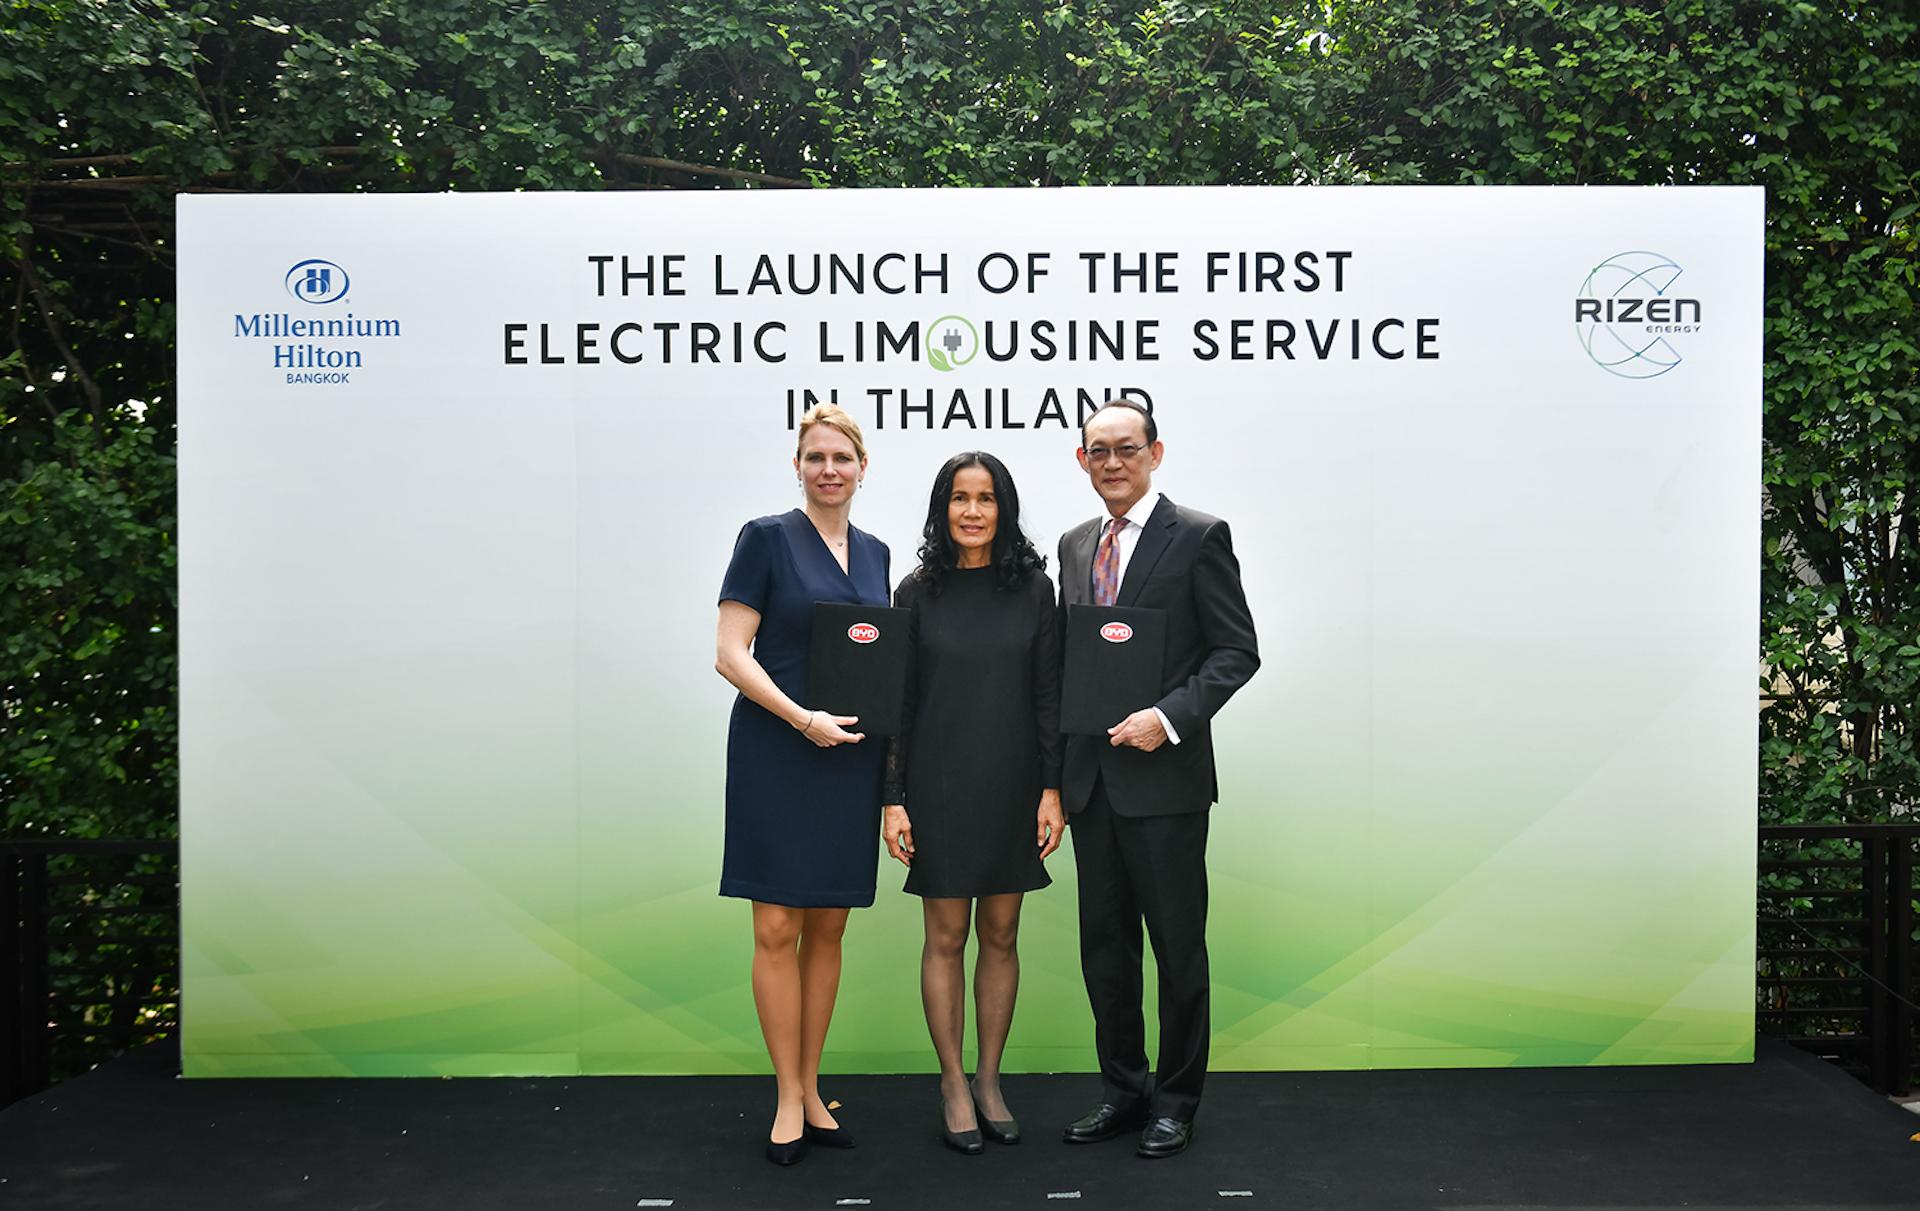 มิลเลนเนียม ฮิลตัน กรุงเทพ จับมือ บีวายดี ให้บริการรถลิมูซีนไฟฟ้า 100% ร่วมลดมลพิษและฝุ่น ครั้งแรกของประเทศไทย